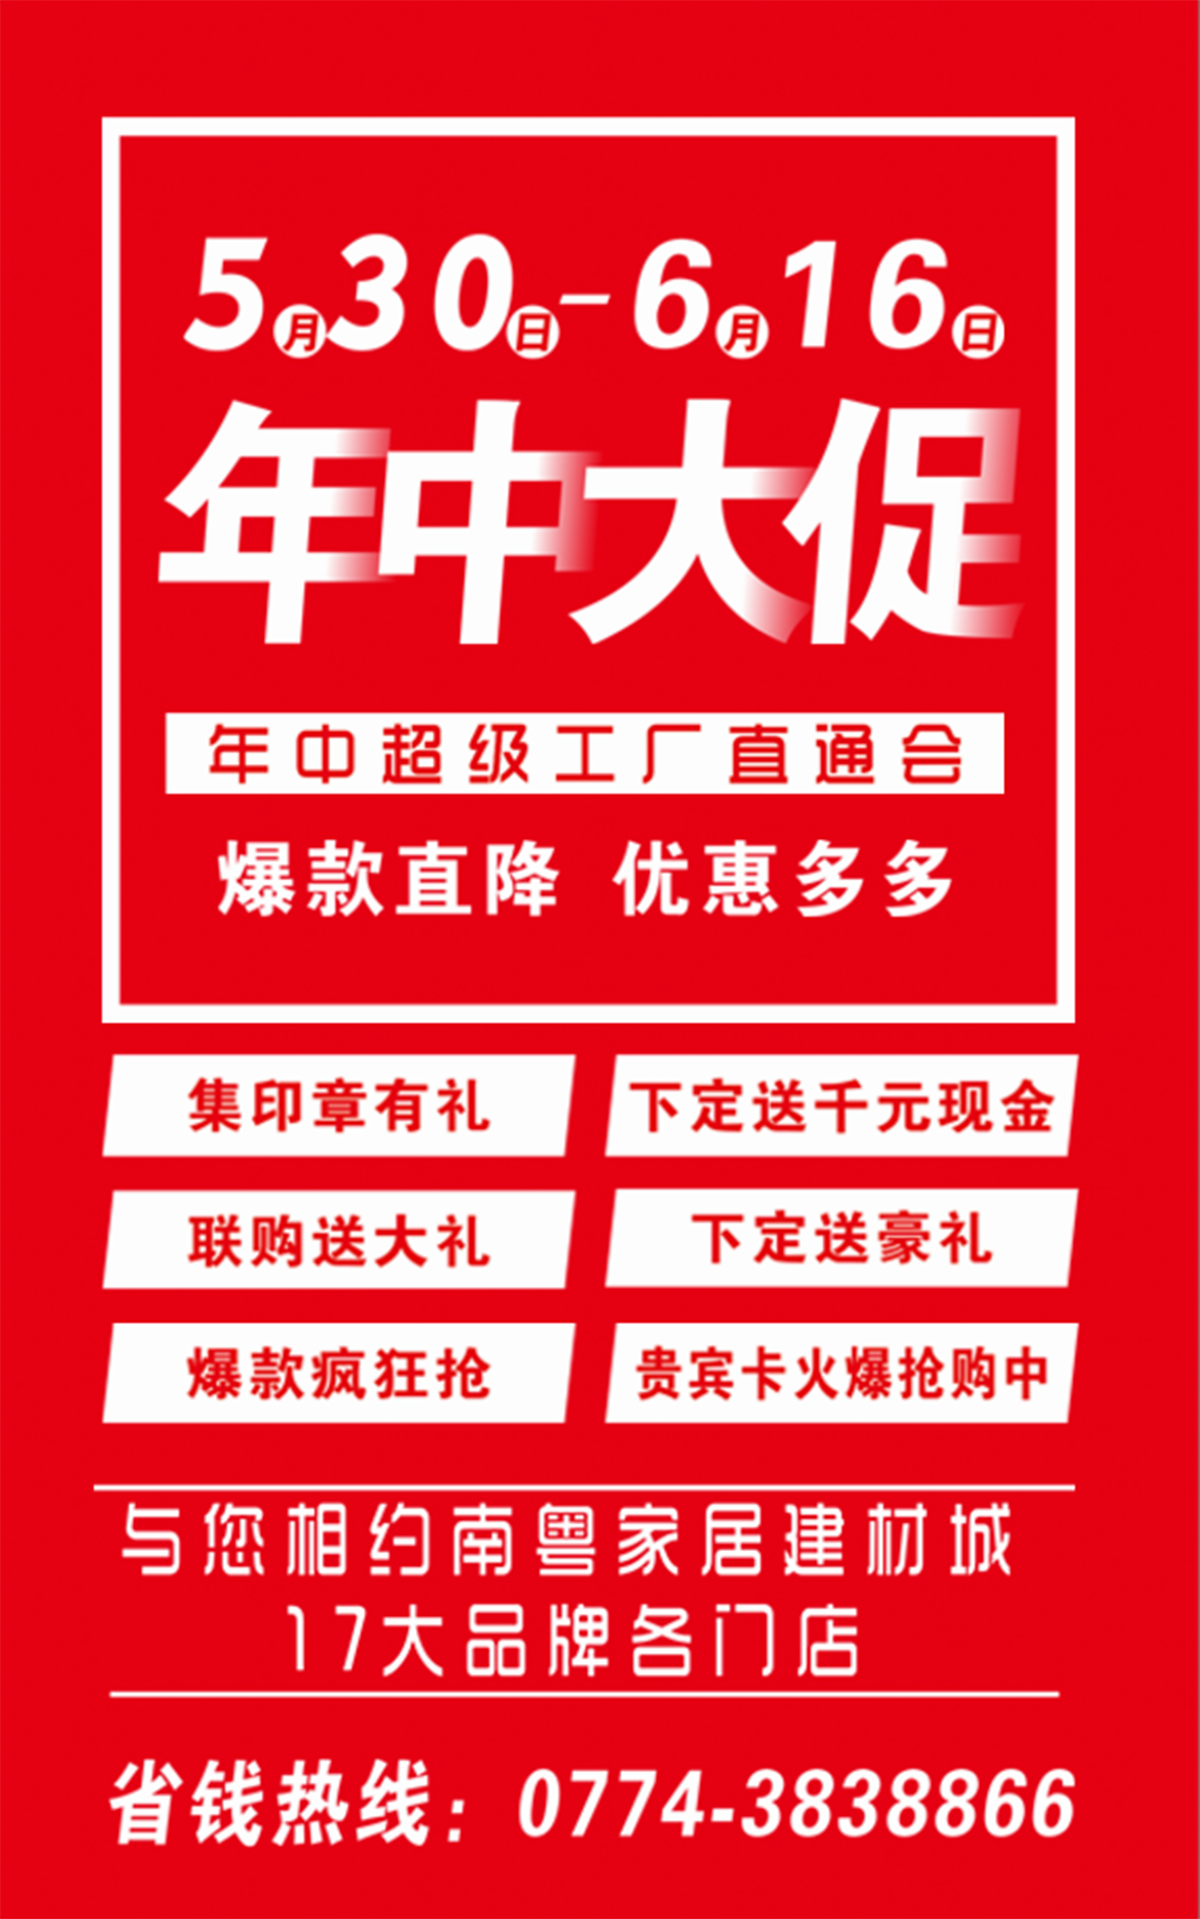 南粤家居建材城十七大品牌年中大促盛典.png